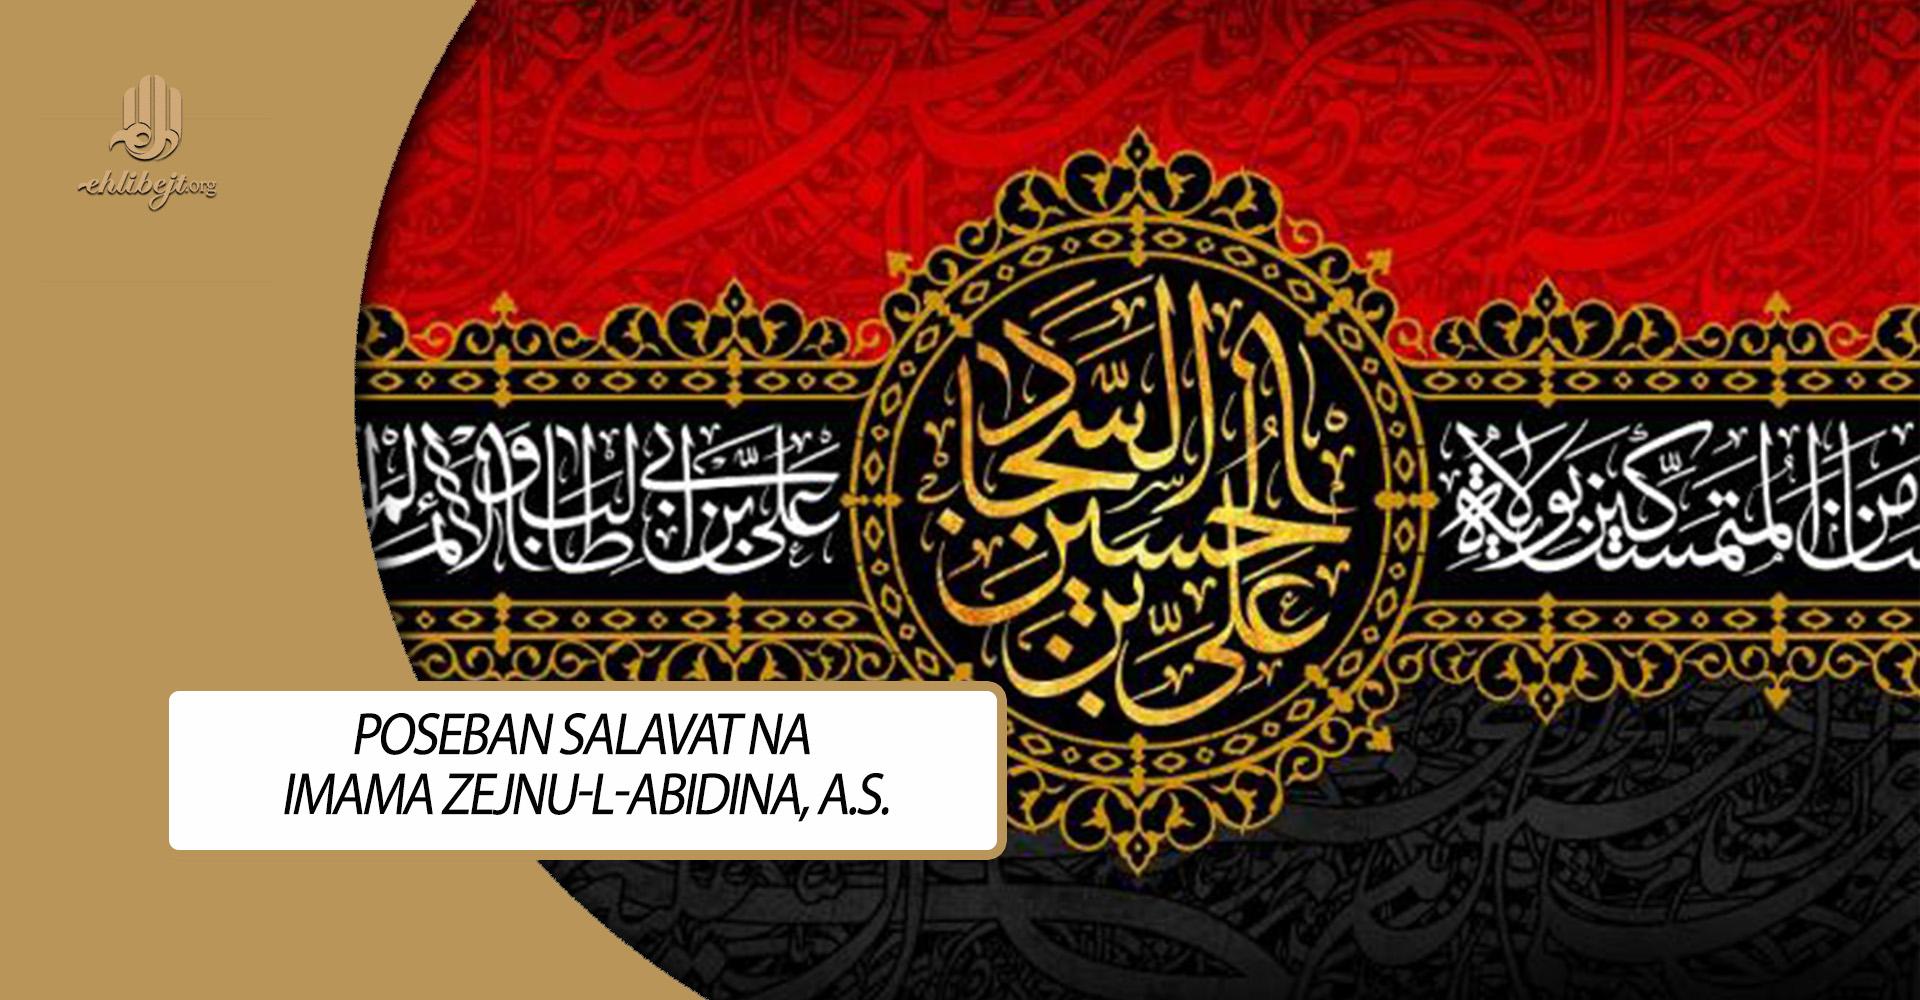 Poseban salavat na Imama Zejnu-l-Abidina, a.s.